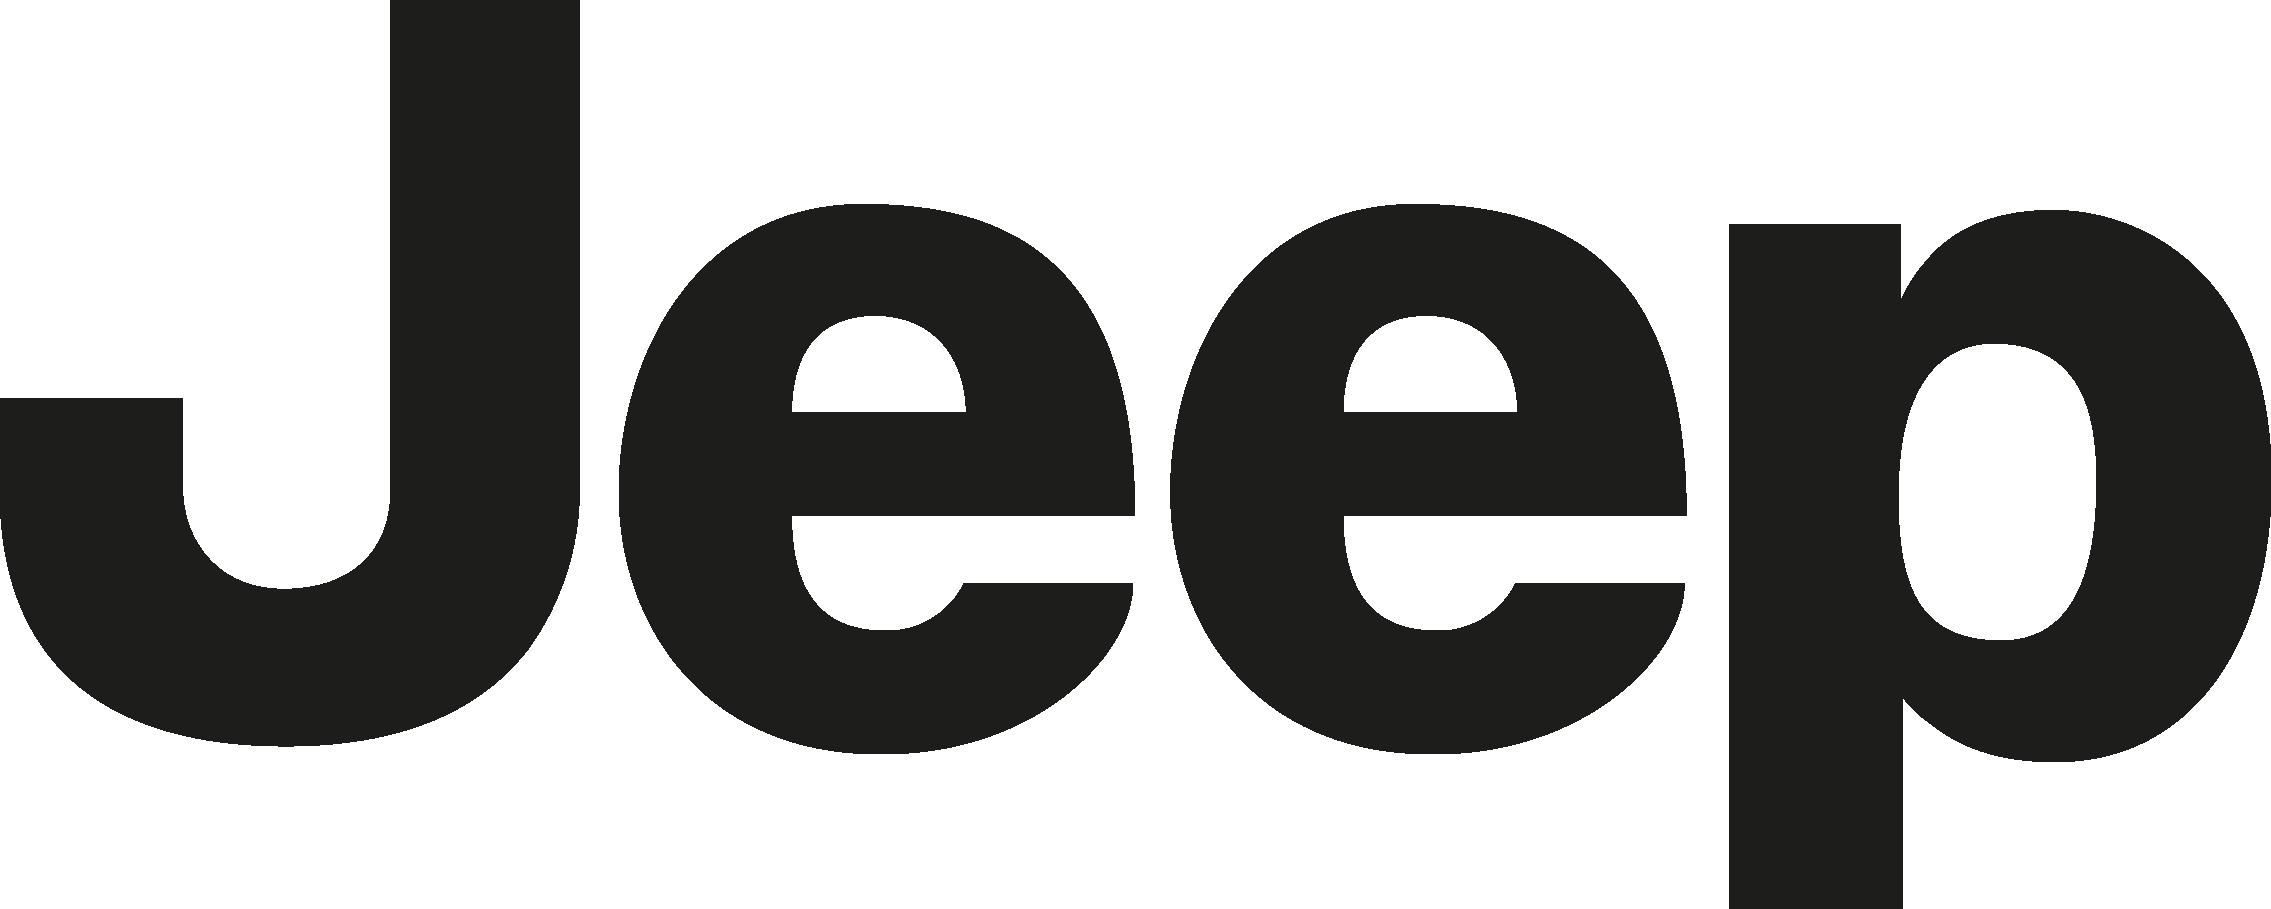 CONCESSIONARIO JEEP USATE Idea Auto Srl a Bomporto in provincia di Modena: acquisto auto e veicoli commerciali in contanti, soccorso stradale H24, carroattrezzi sempre operativo, vendita auto nuove e usate, veicoli commerciali nuovi e usati